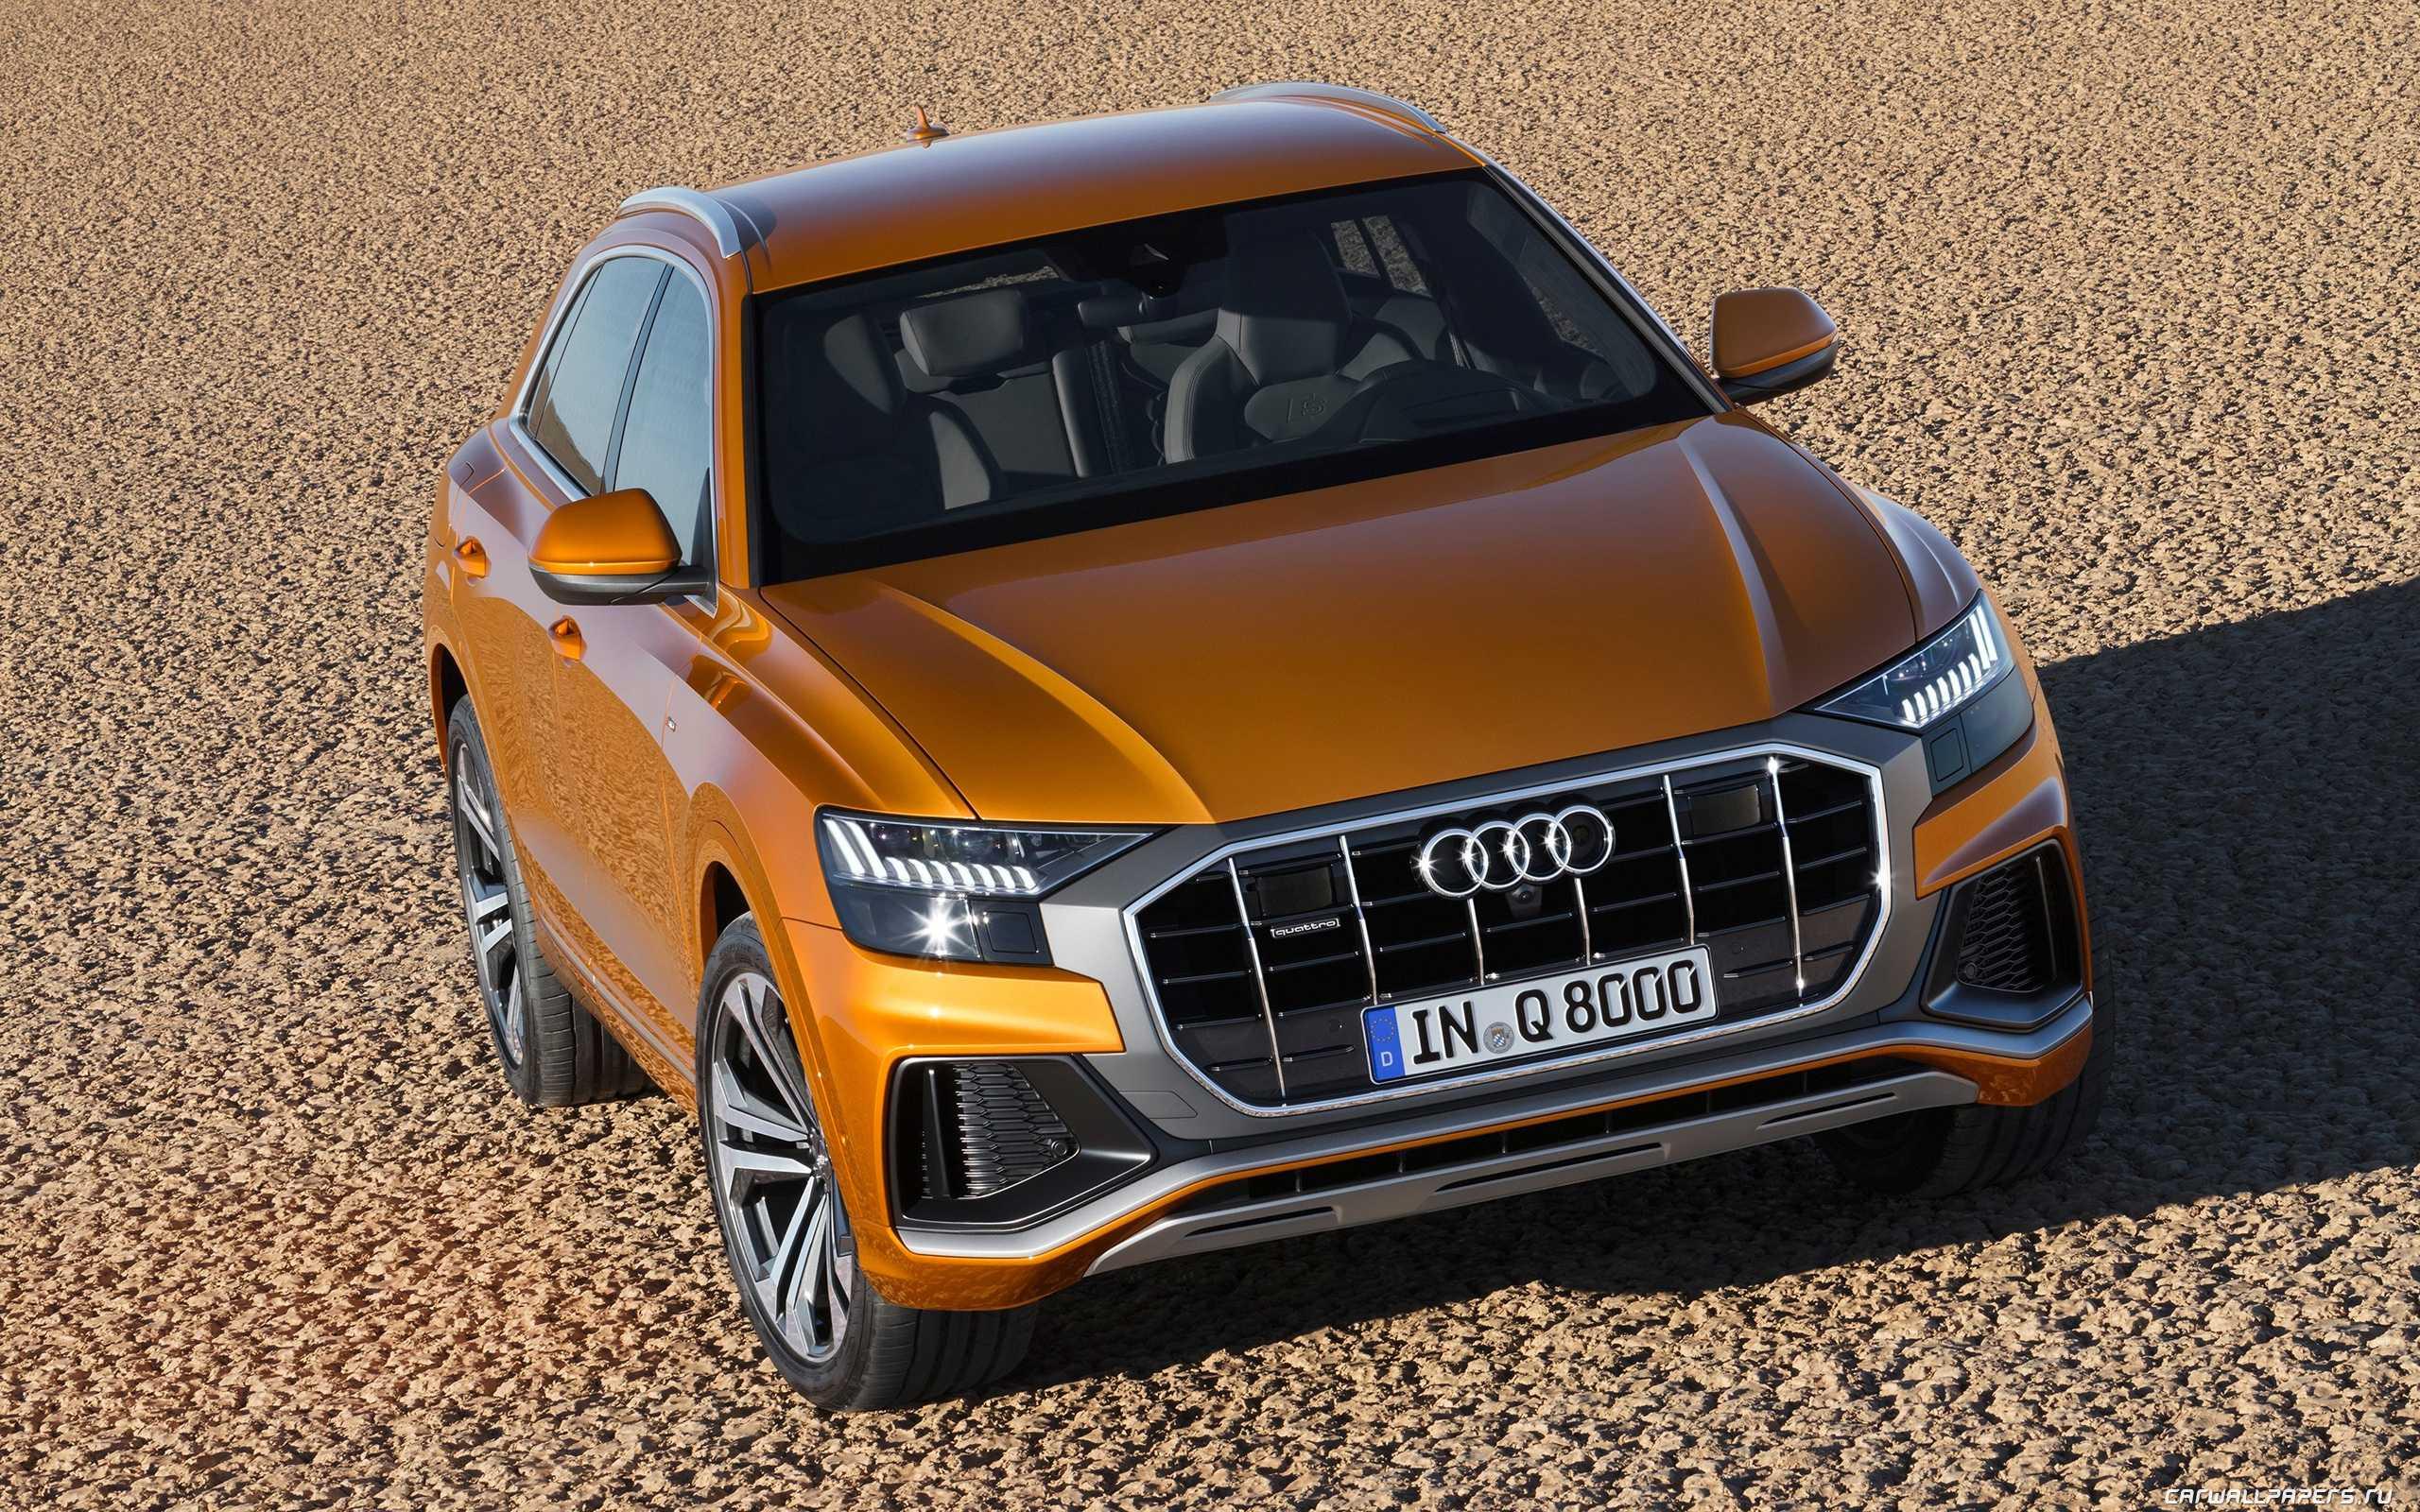 Audi q8 3.0 55 tfsi quattro tiptronic (11.2018 - н.в.) - технические характеристики